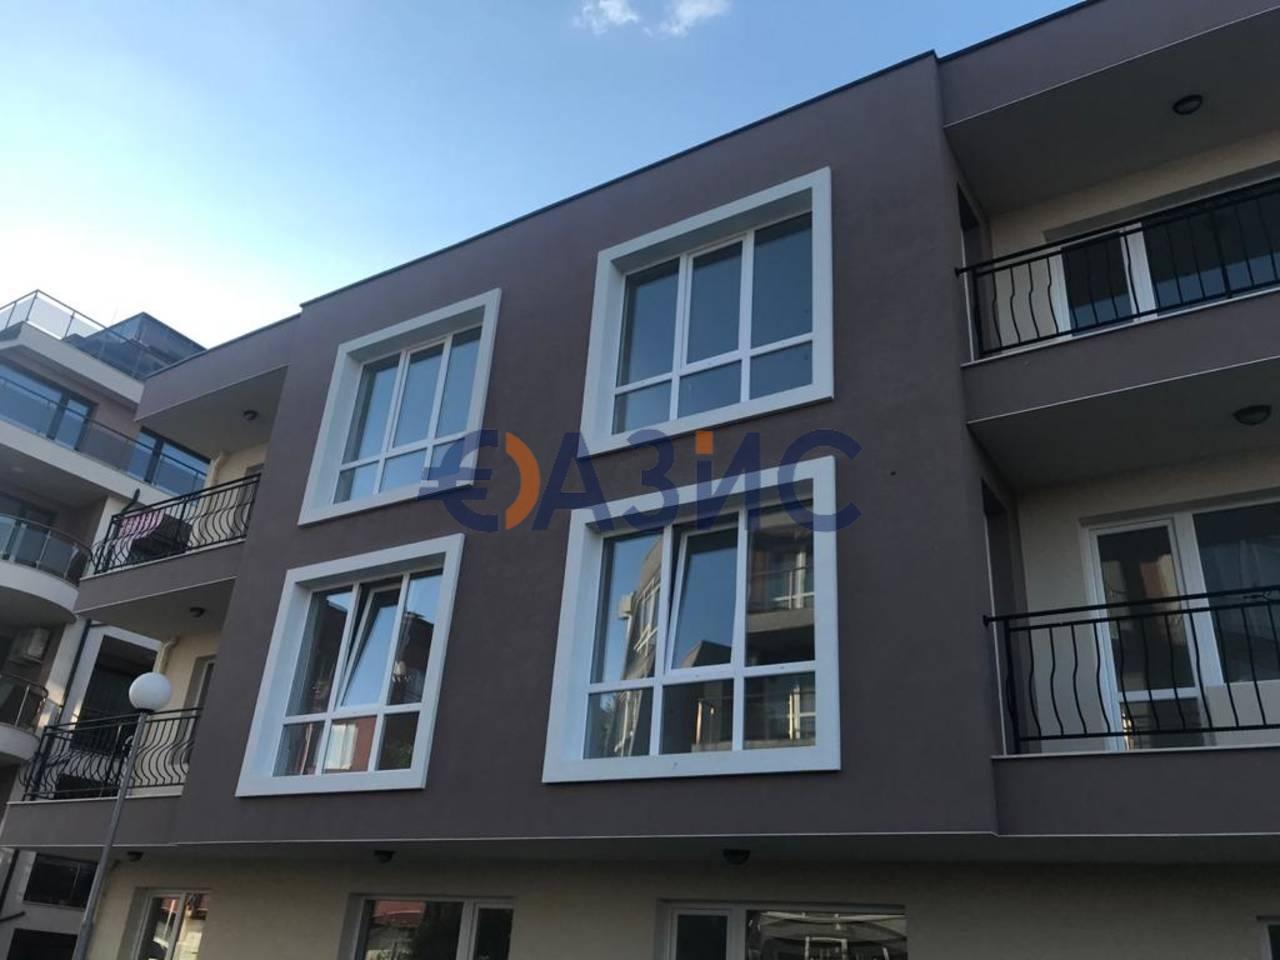 Трехкомнатный апартамент с водяным отоплением пола, Несебр, Болгария, 7